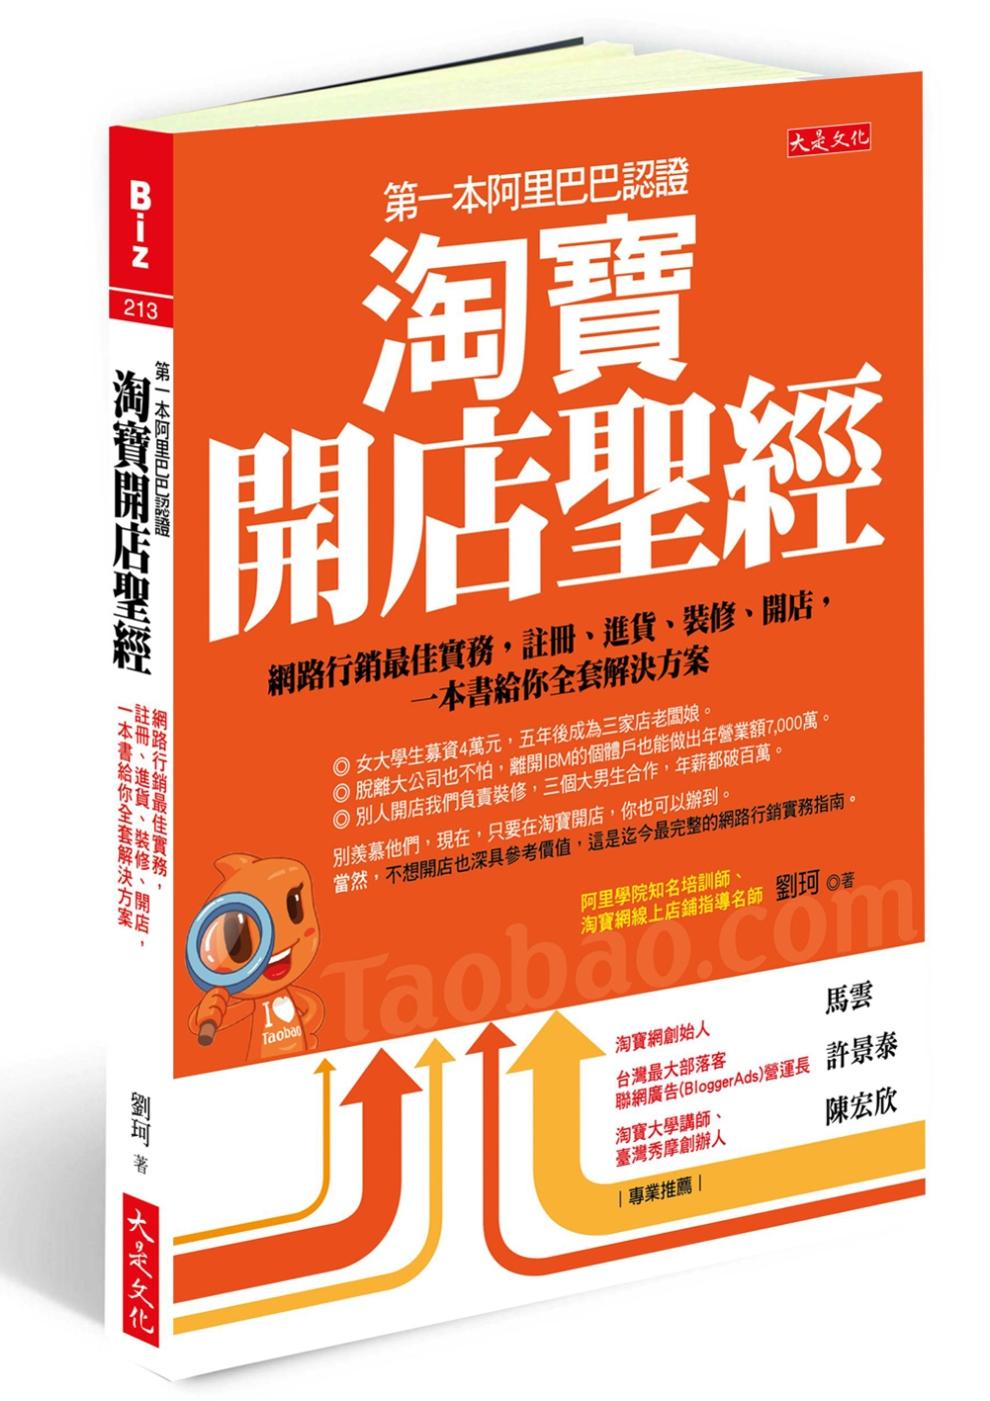 第一本阿里巴巴認證 淘寶開店聖經:網路行銷最佳實務,註冊、進貨、裝修、開店, 一本書給你全套解決方案